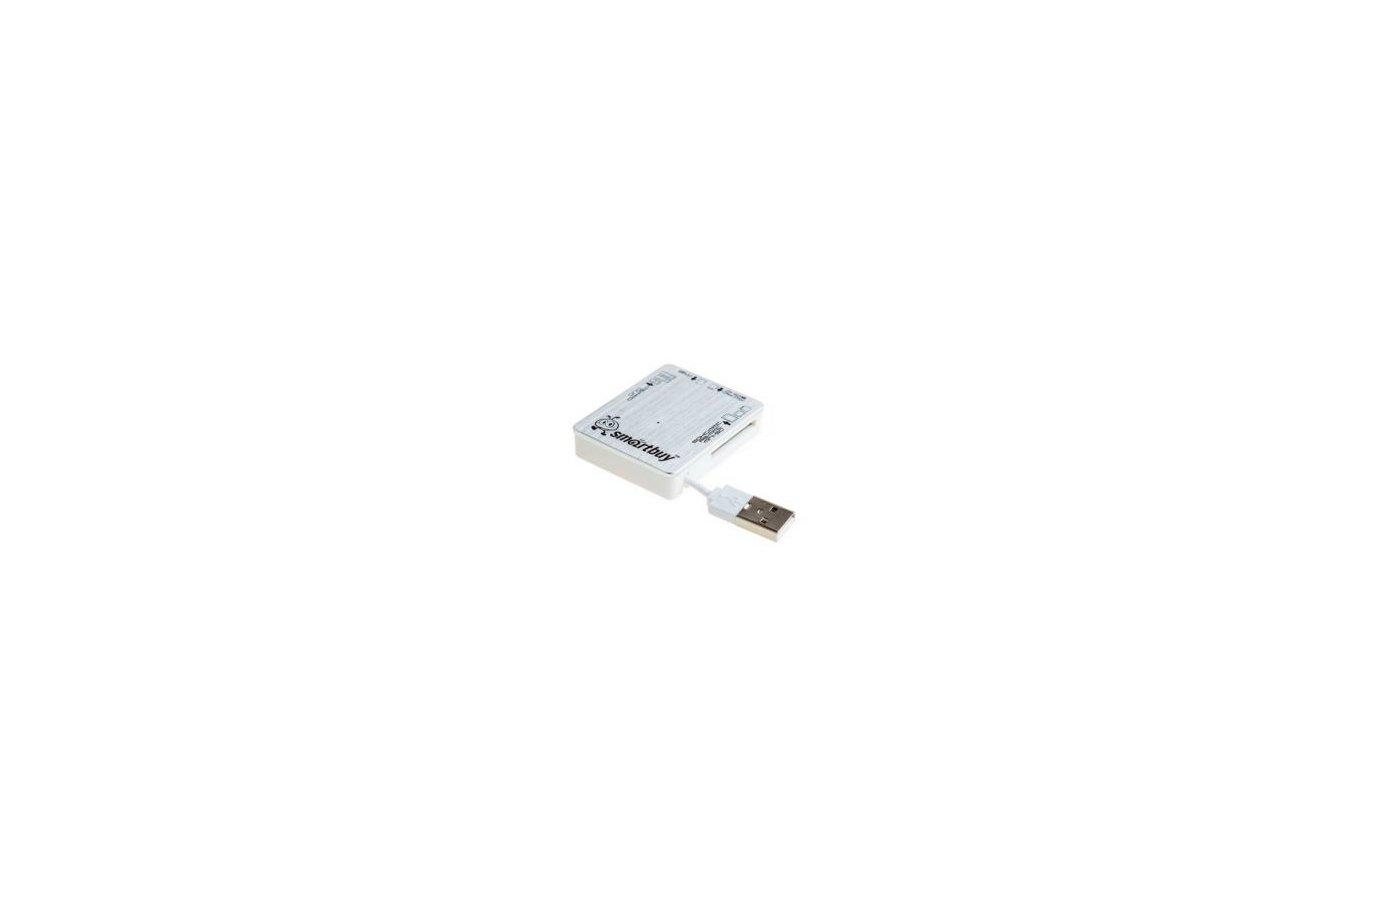 Картридер USB 2.0 Reader Smartbuy SBR-735-S серебристый